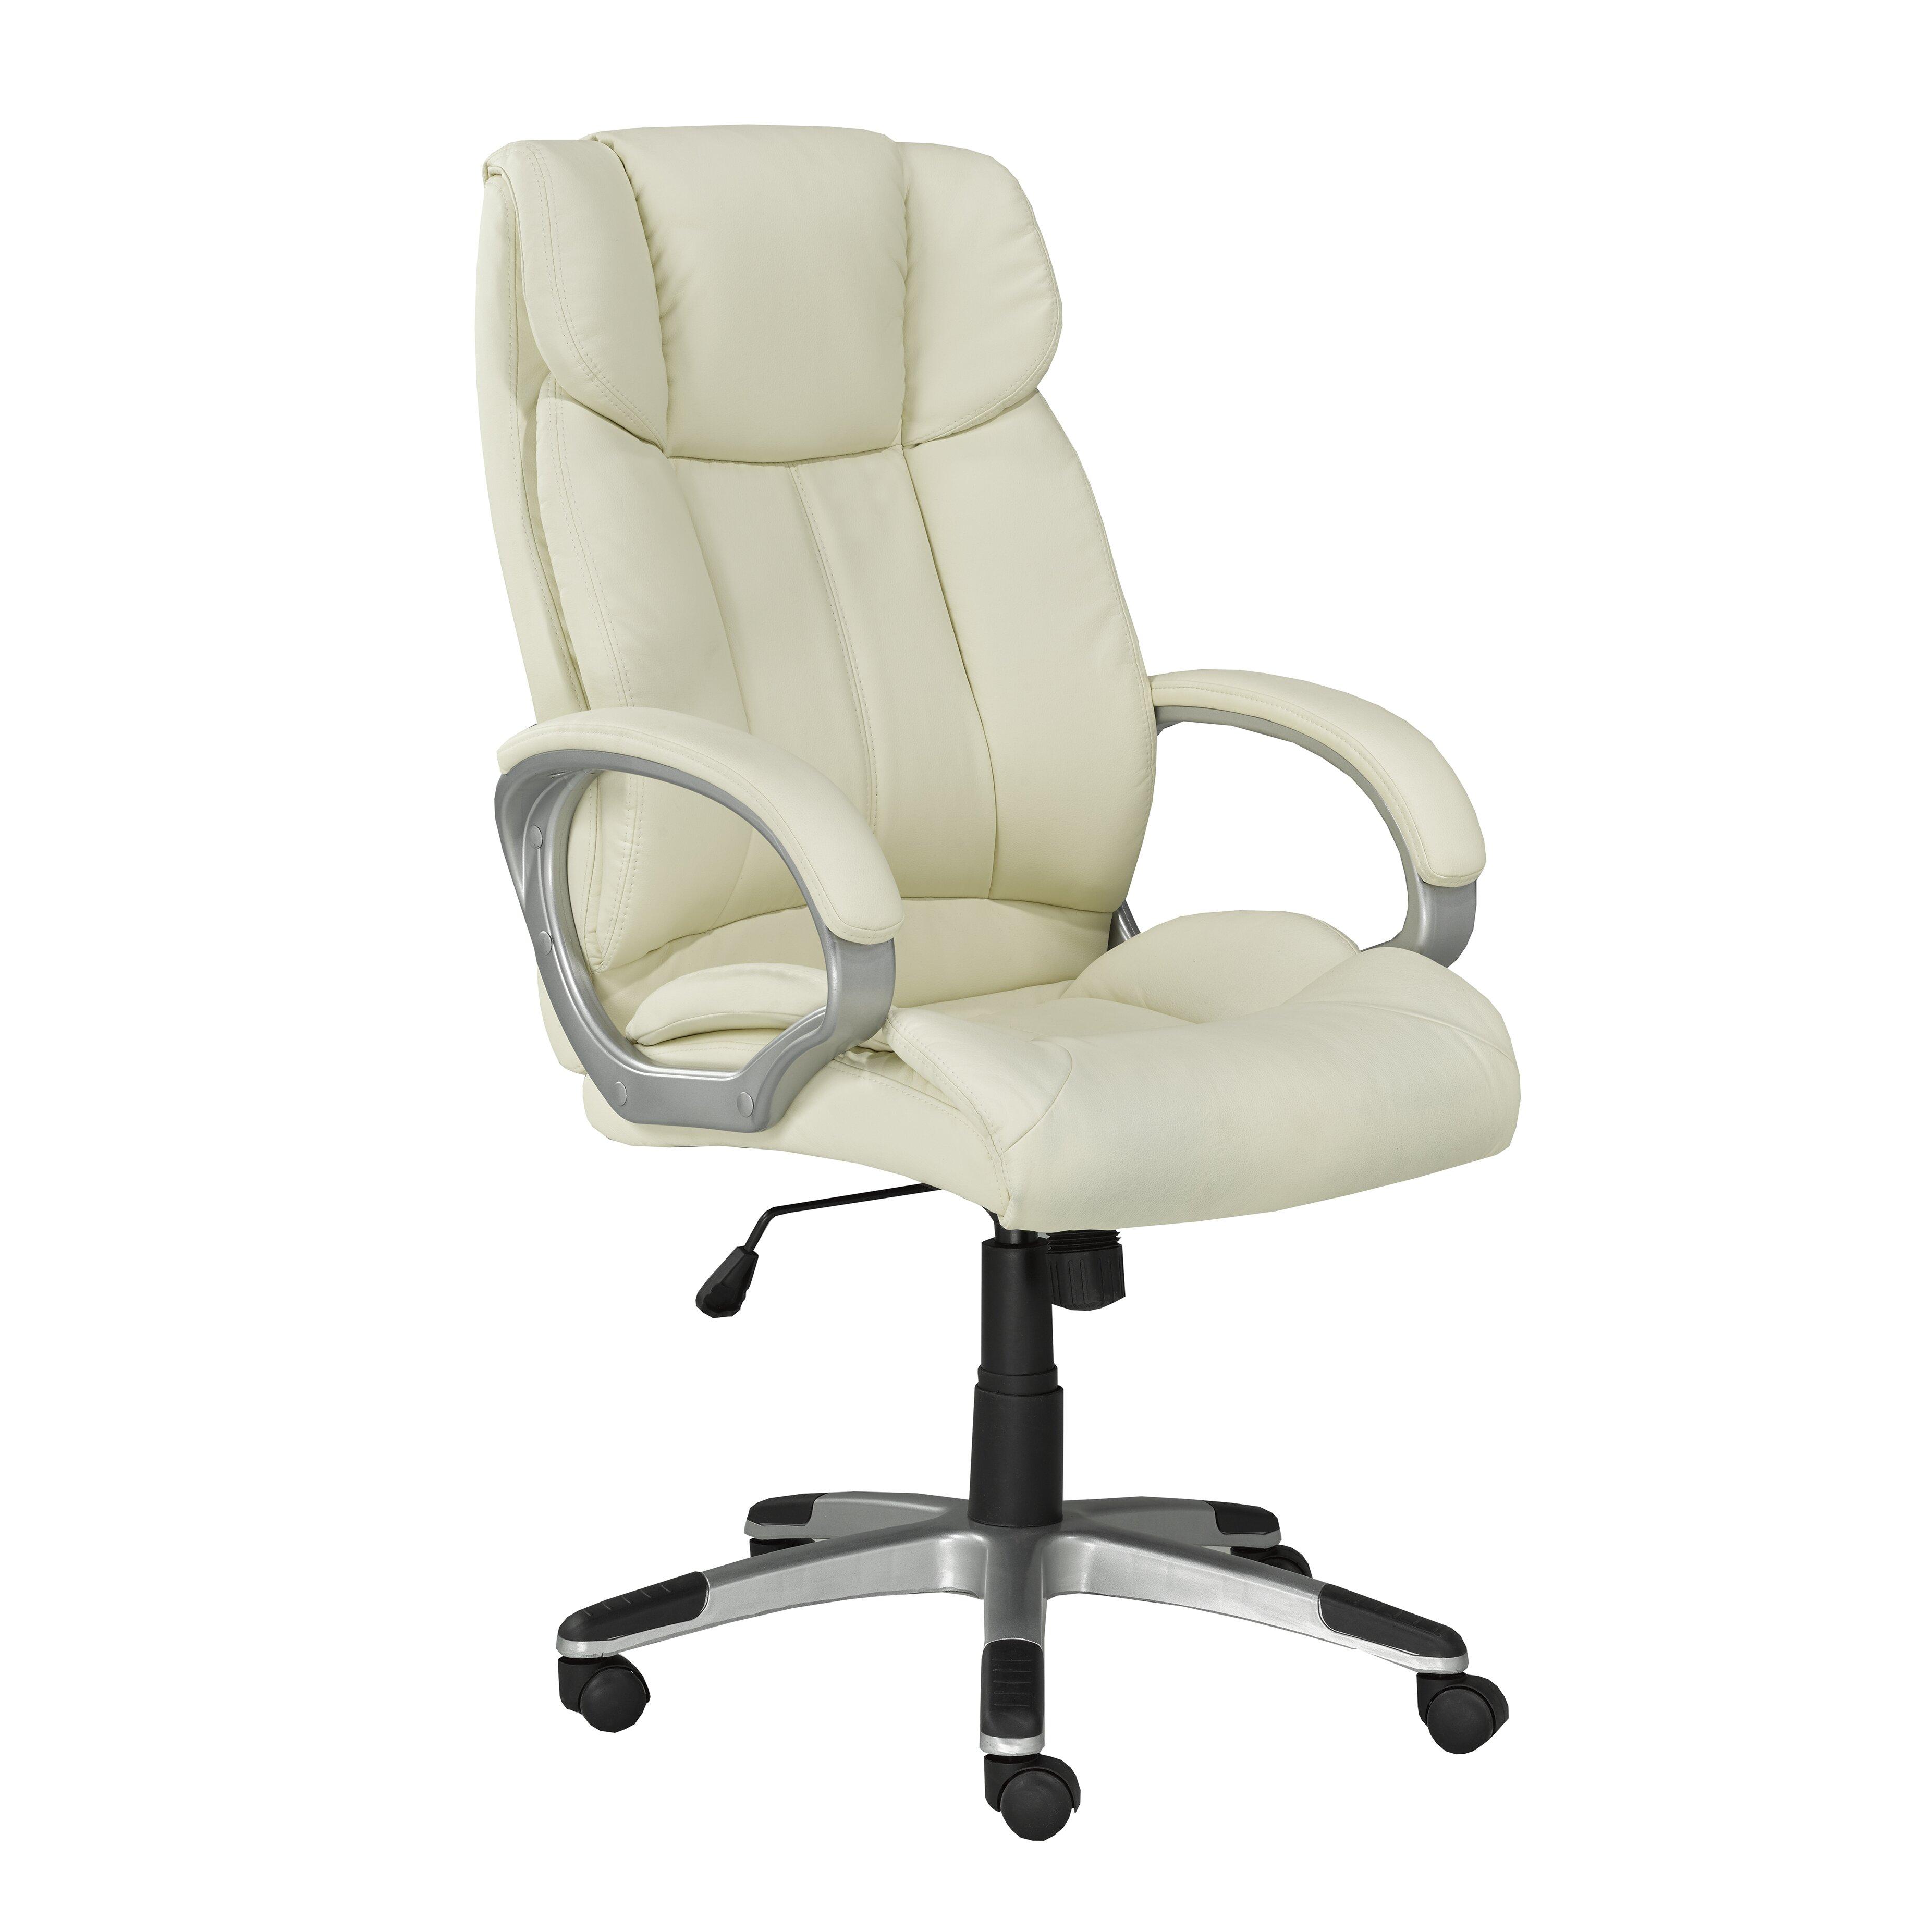 Brassex High Back Executive Office Chair Reviews Wayfair